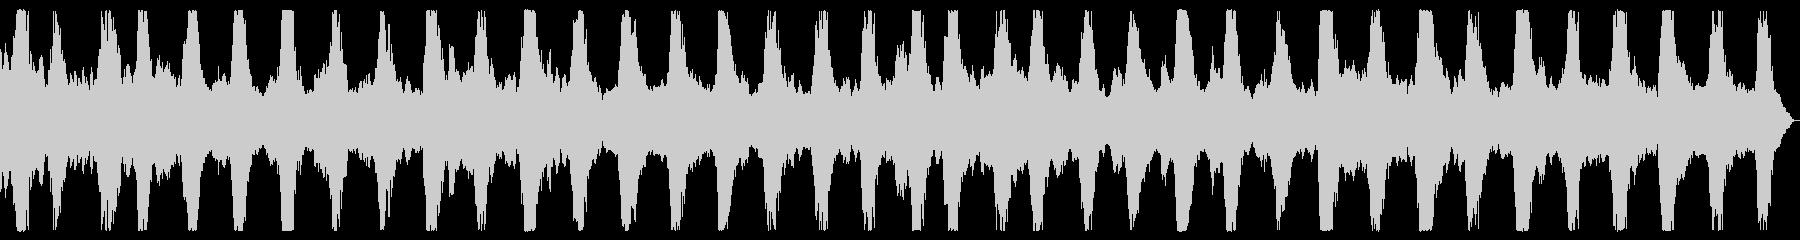 ダークアンビエント ホラーノイズBGMの未再生の波形